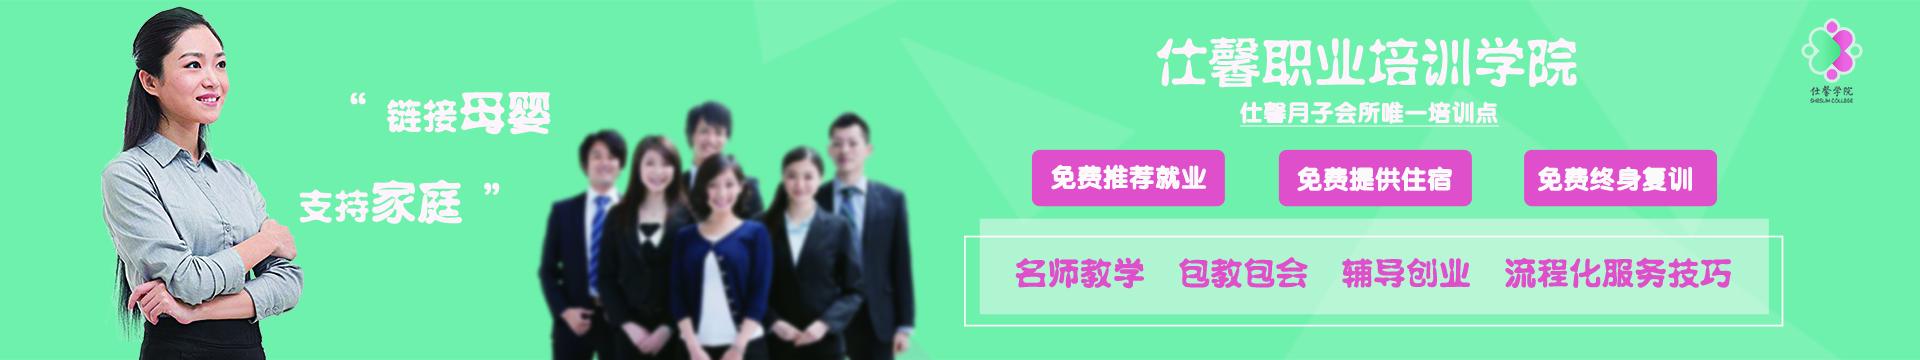 广州培训机构